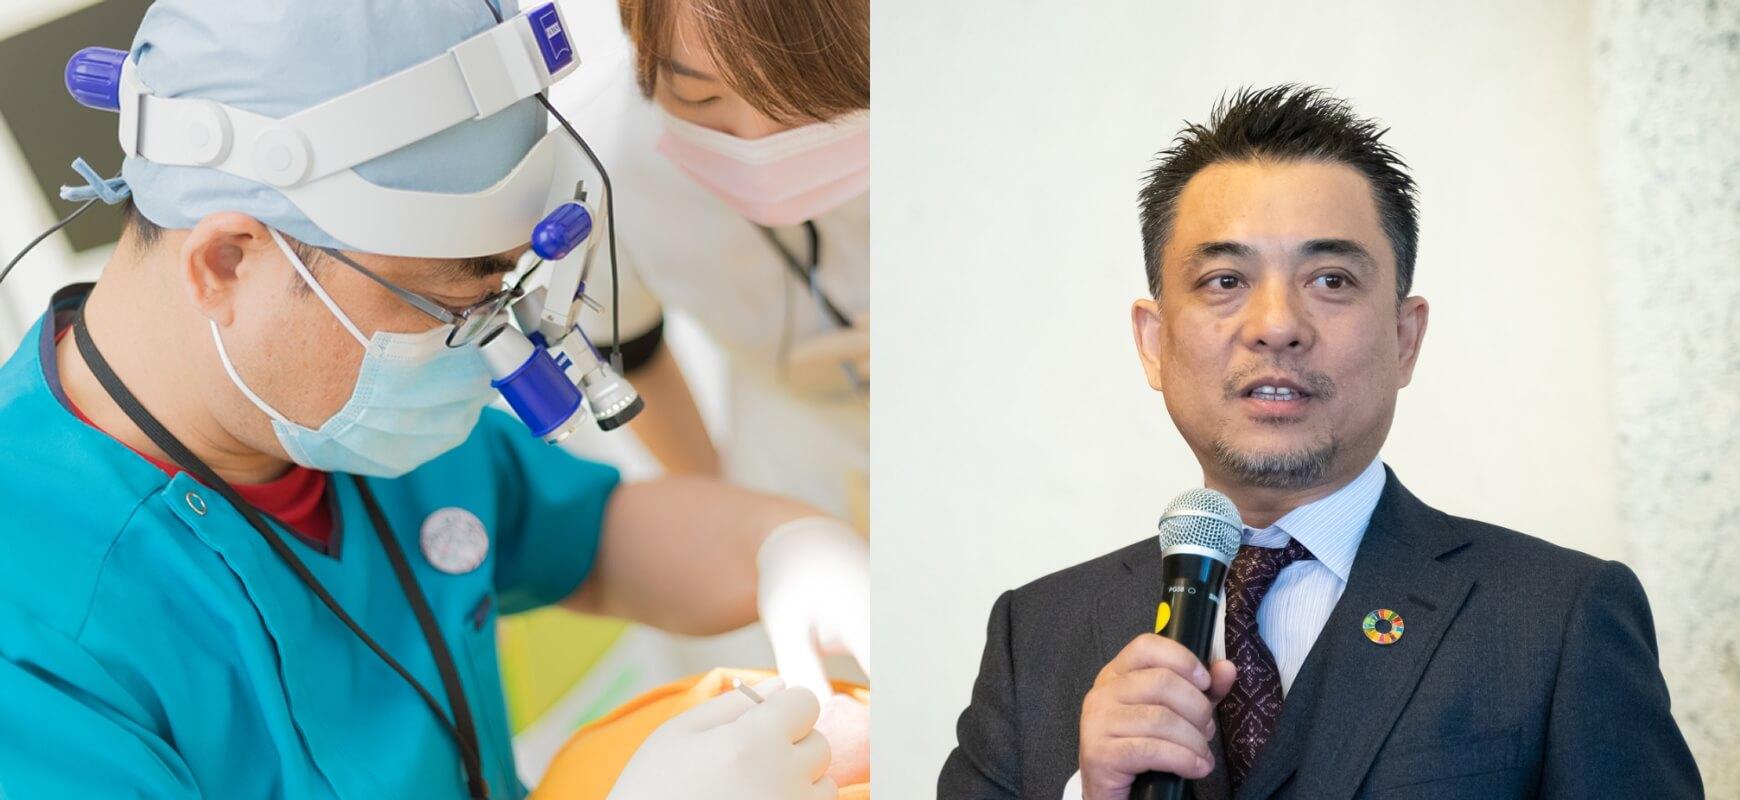 広島県安芸郡海田町の歯科医院「ひまわり歯科」院長からのメッセージ